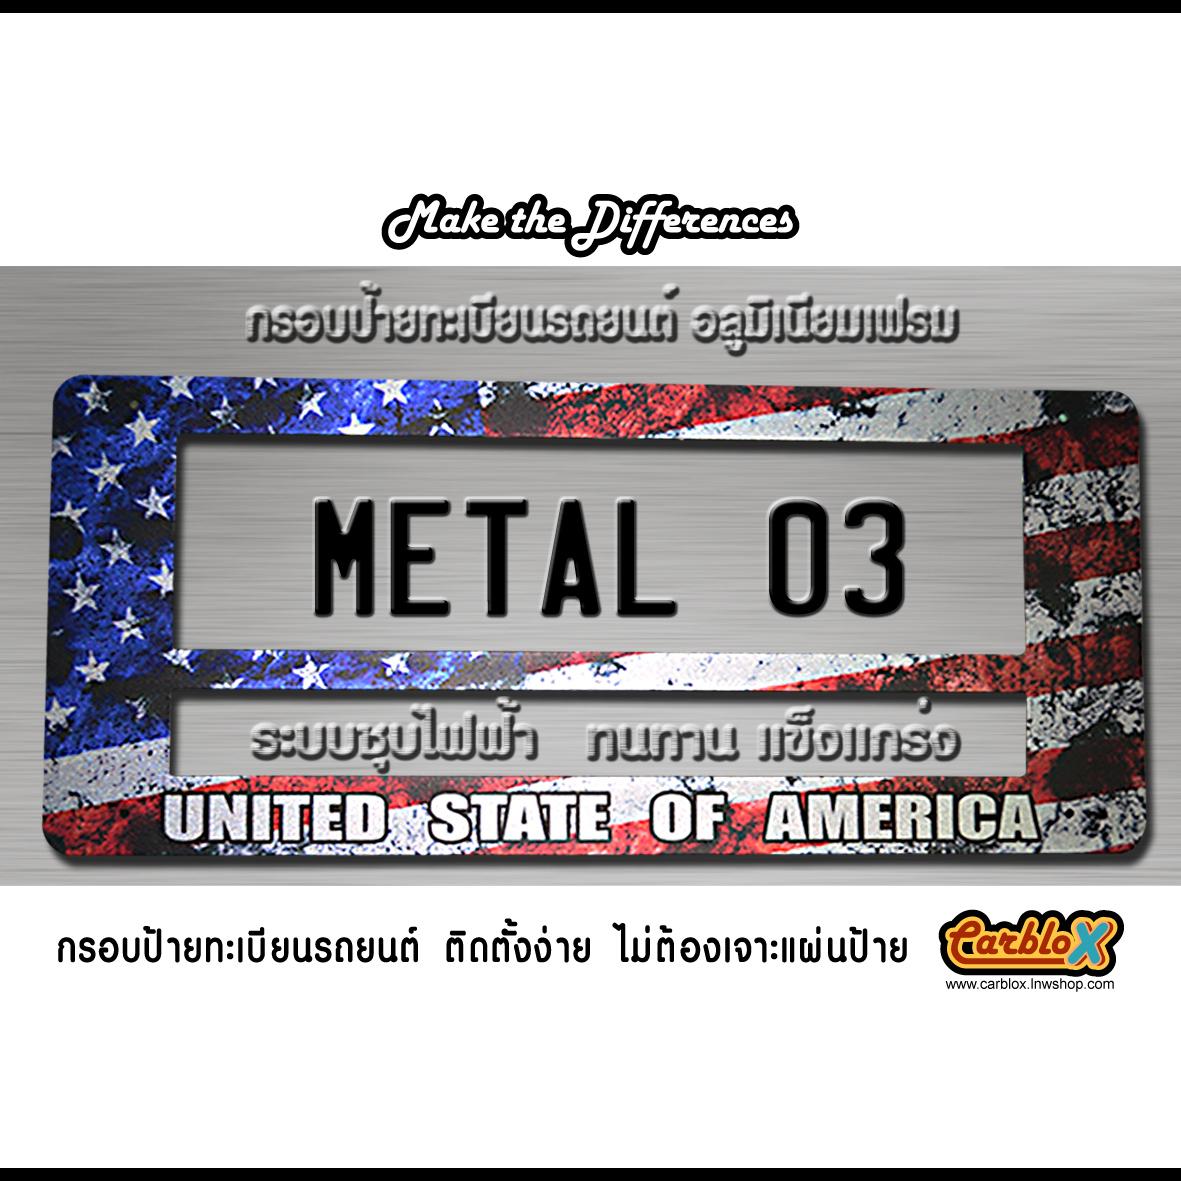 กรอบป้ายทะเบียนรถยนต์ carblox ระหัส METAL 03 metallic frame อลูมิเนียม เฟรม